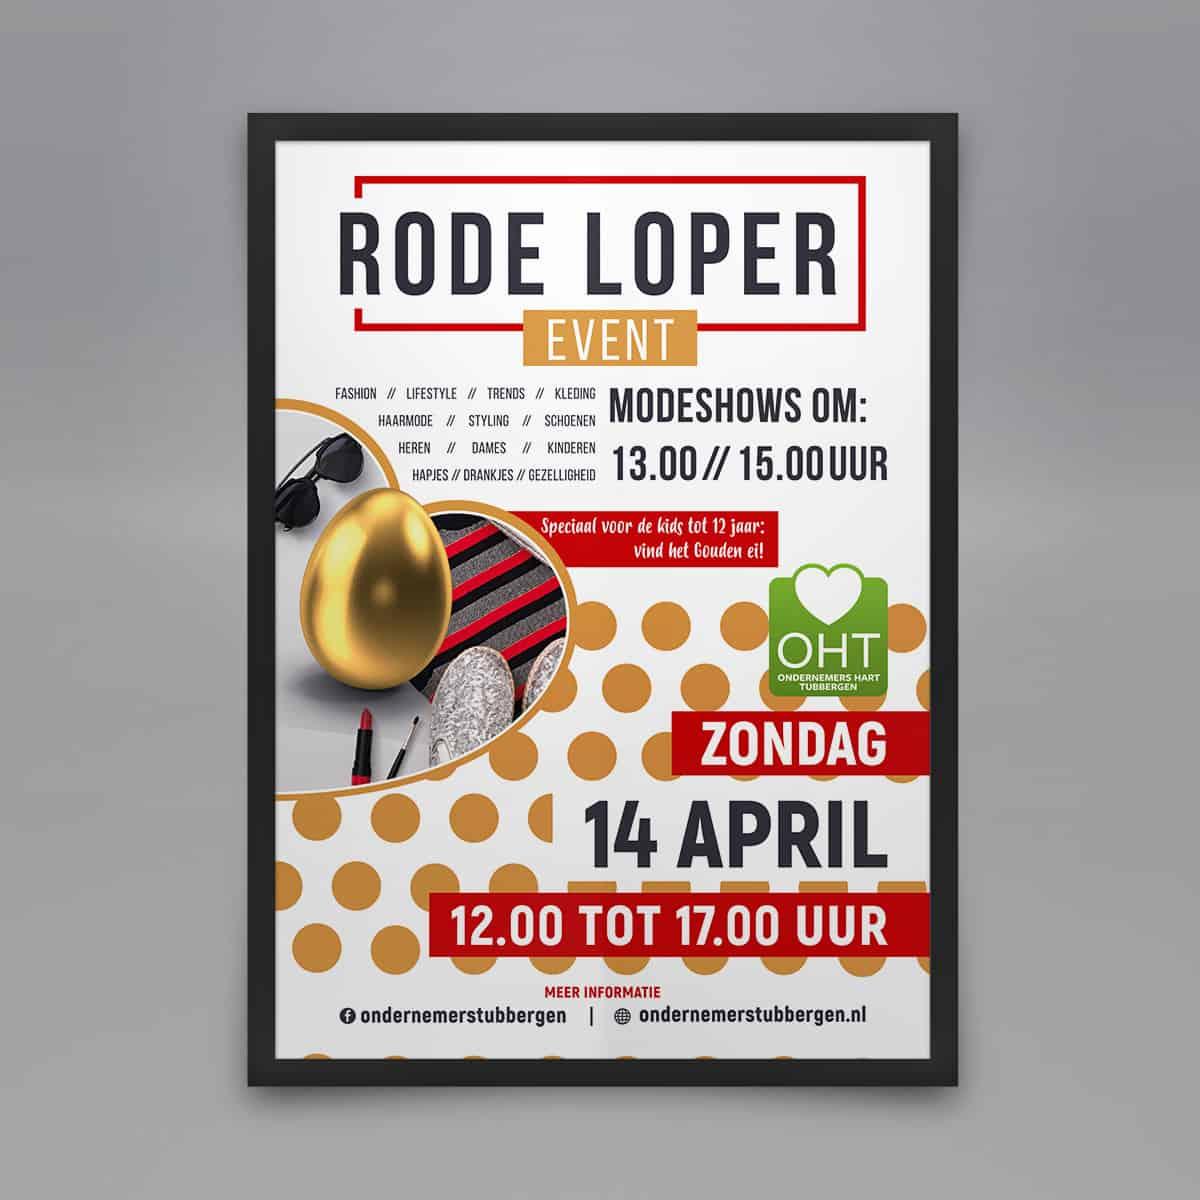 A0-poster-Rode-Loper-Event-burobedenkt